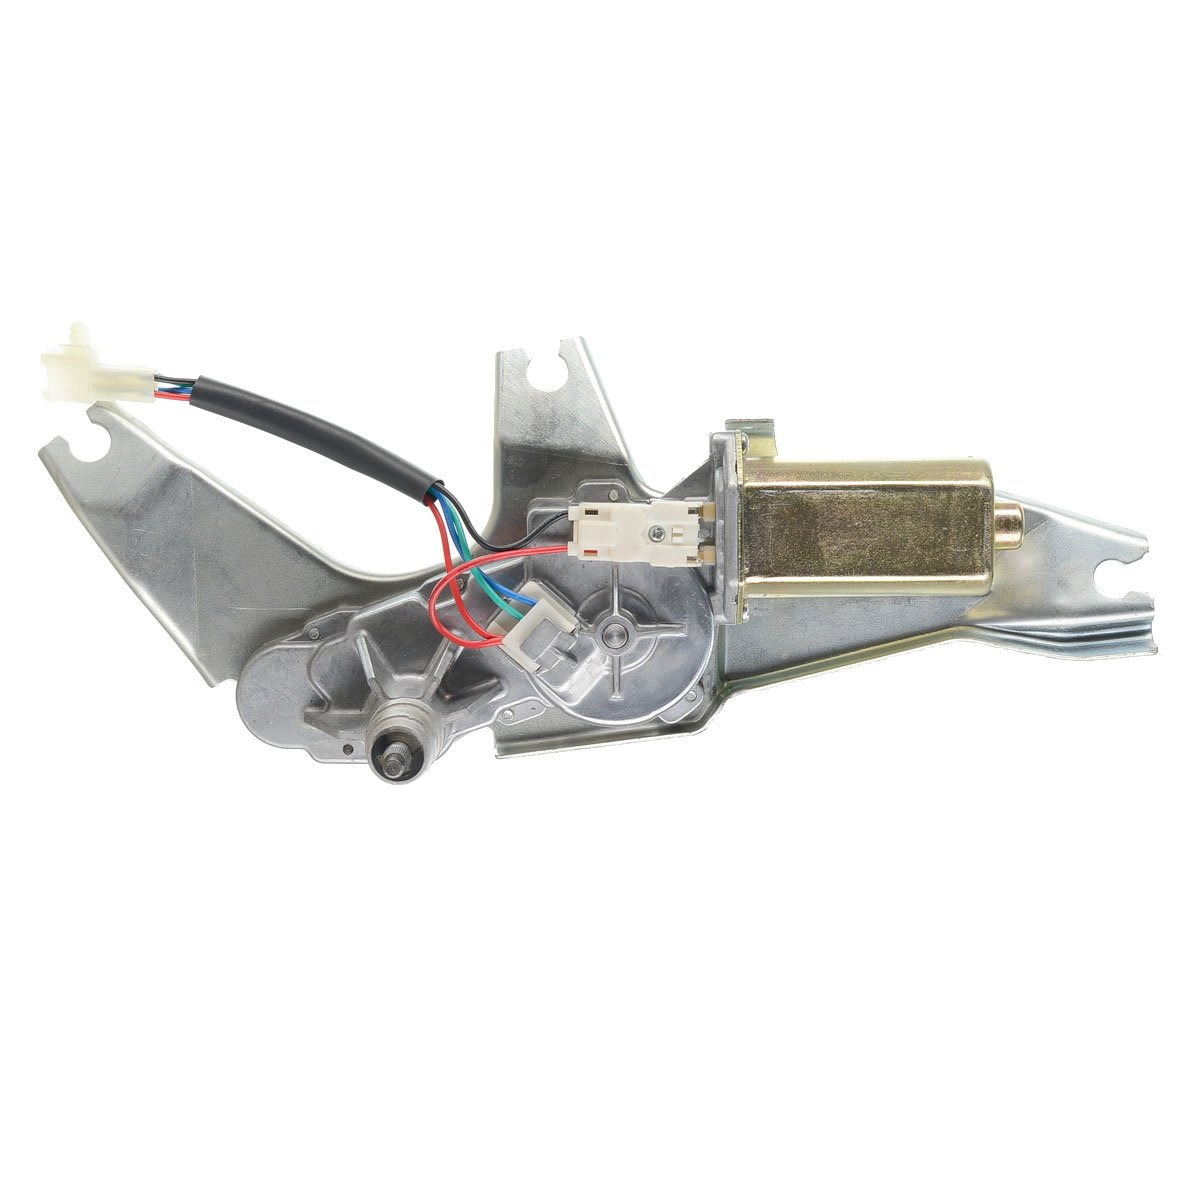 Windshield Wiper Motor for Honda Pilot 2003-2008 Rear Side